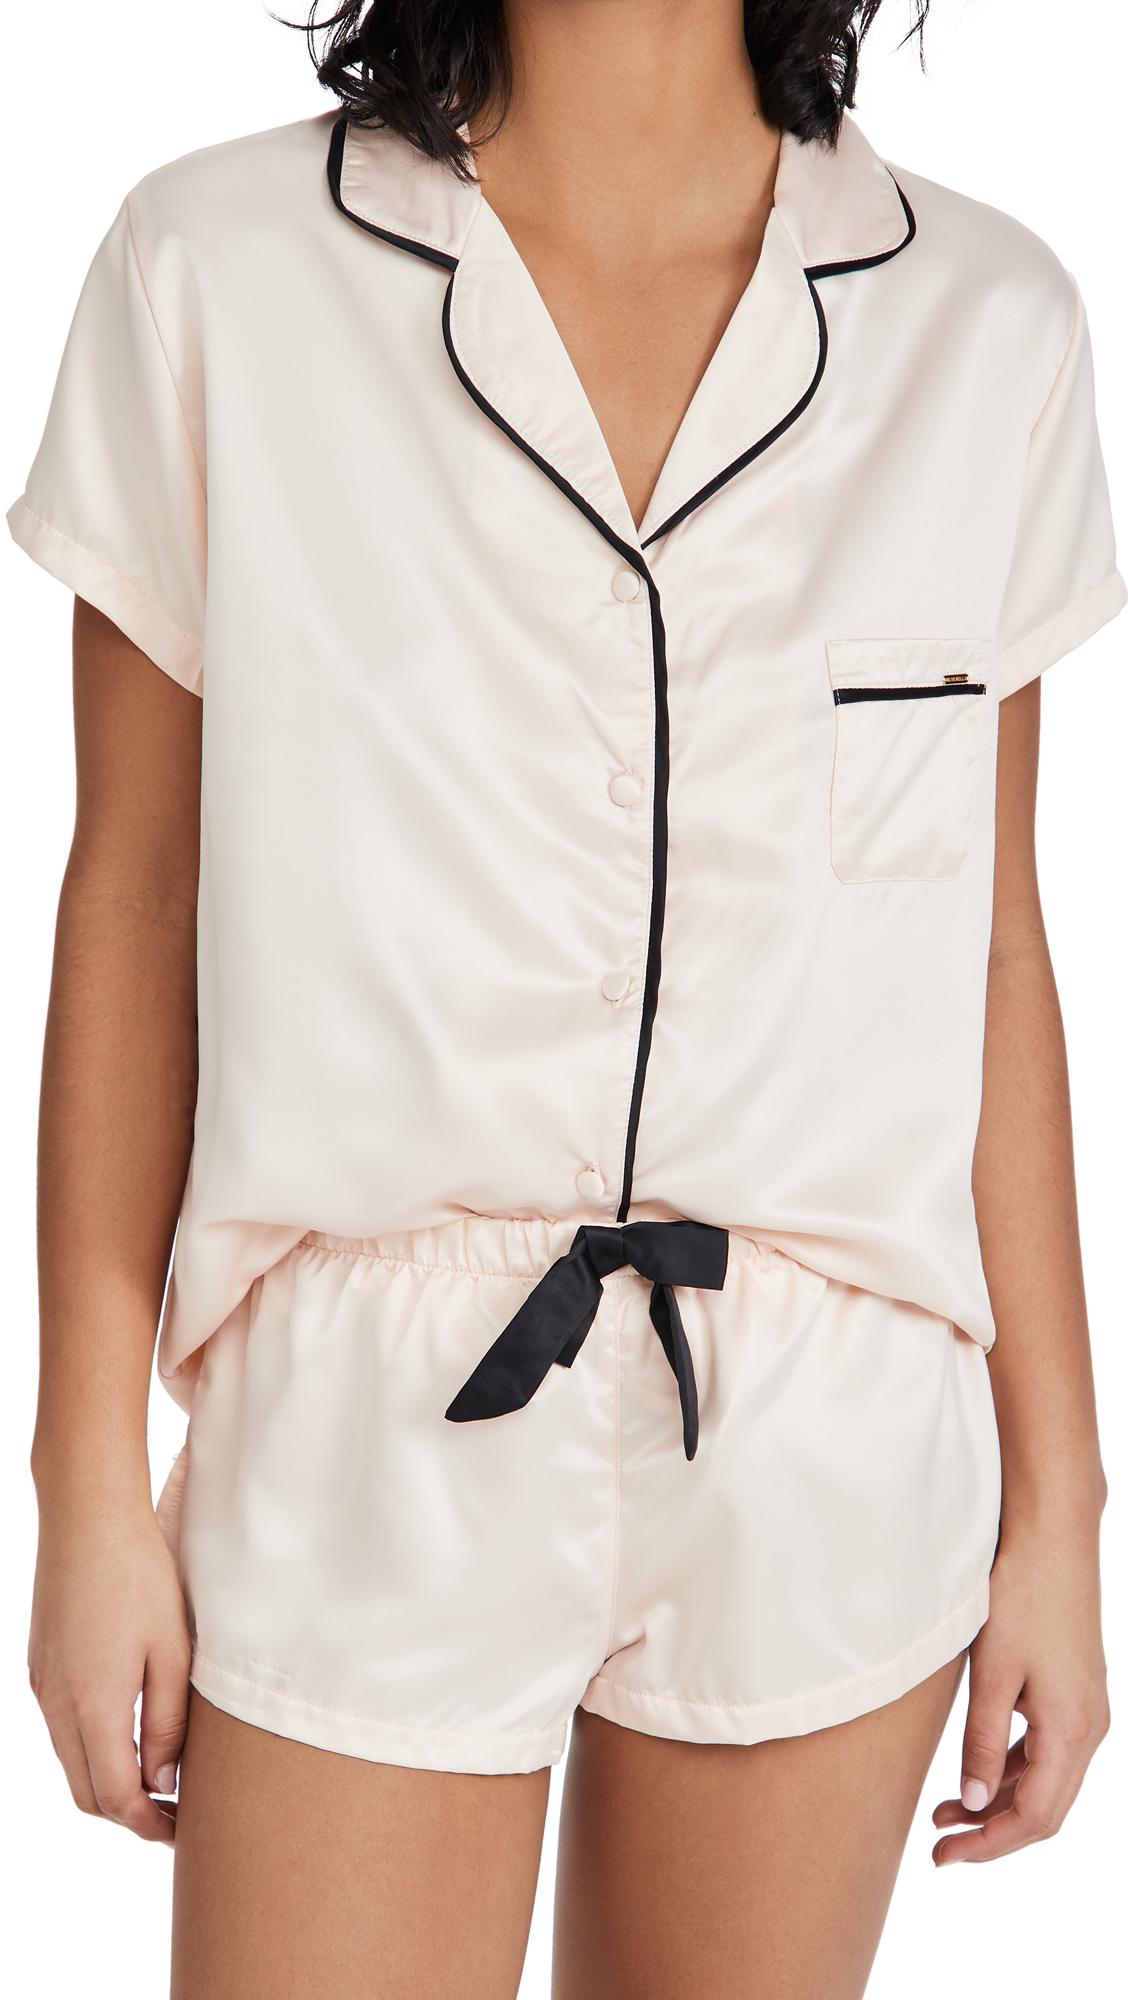 Bluebella Abigail Satin Short Pajama Set-pink In Pale Pink/black